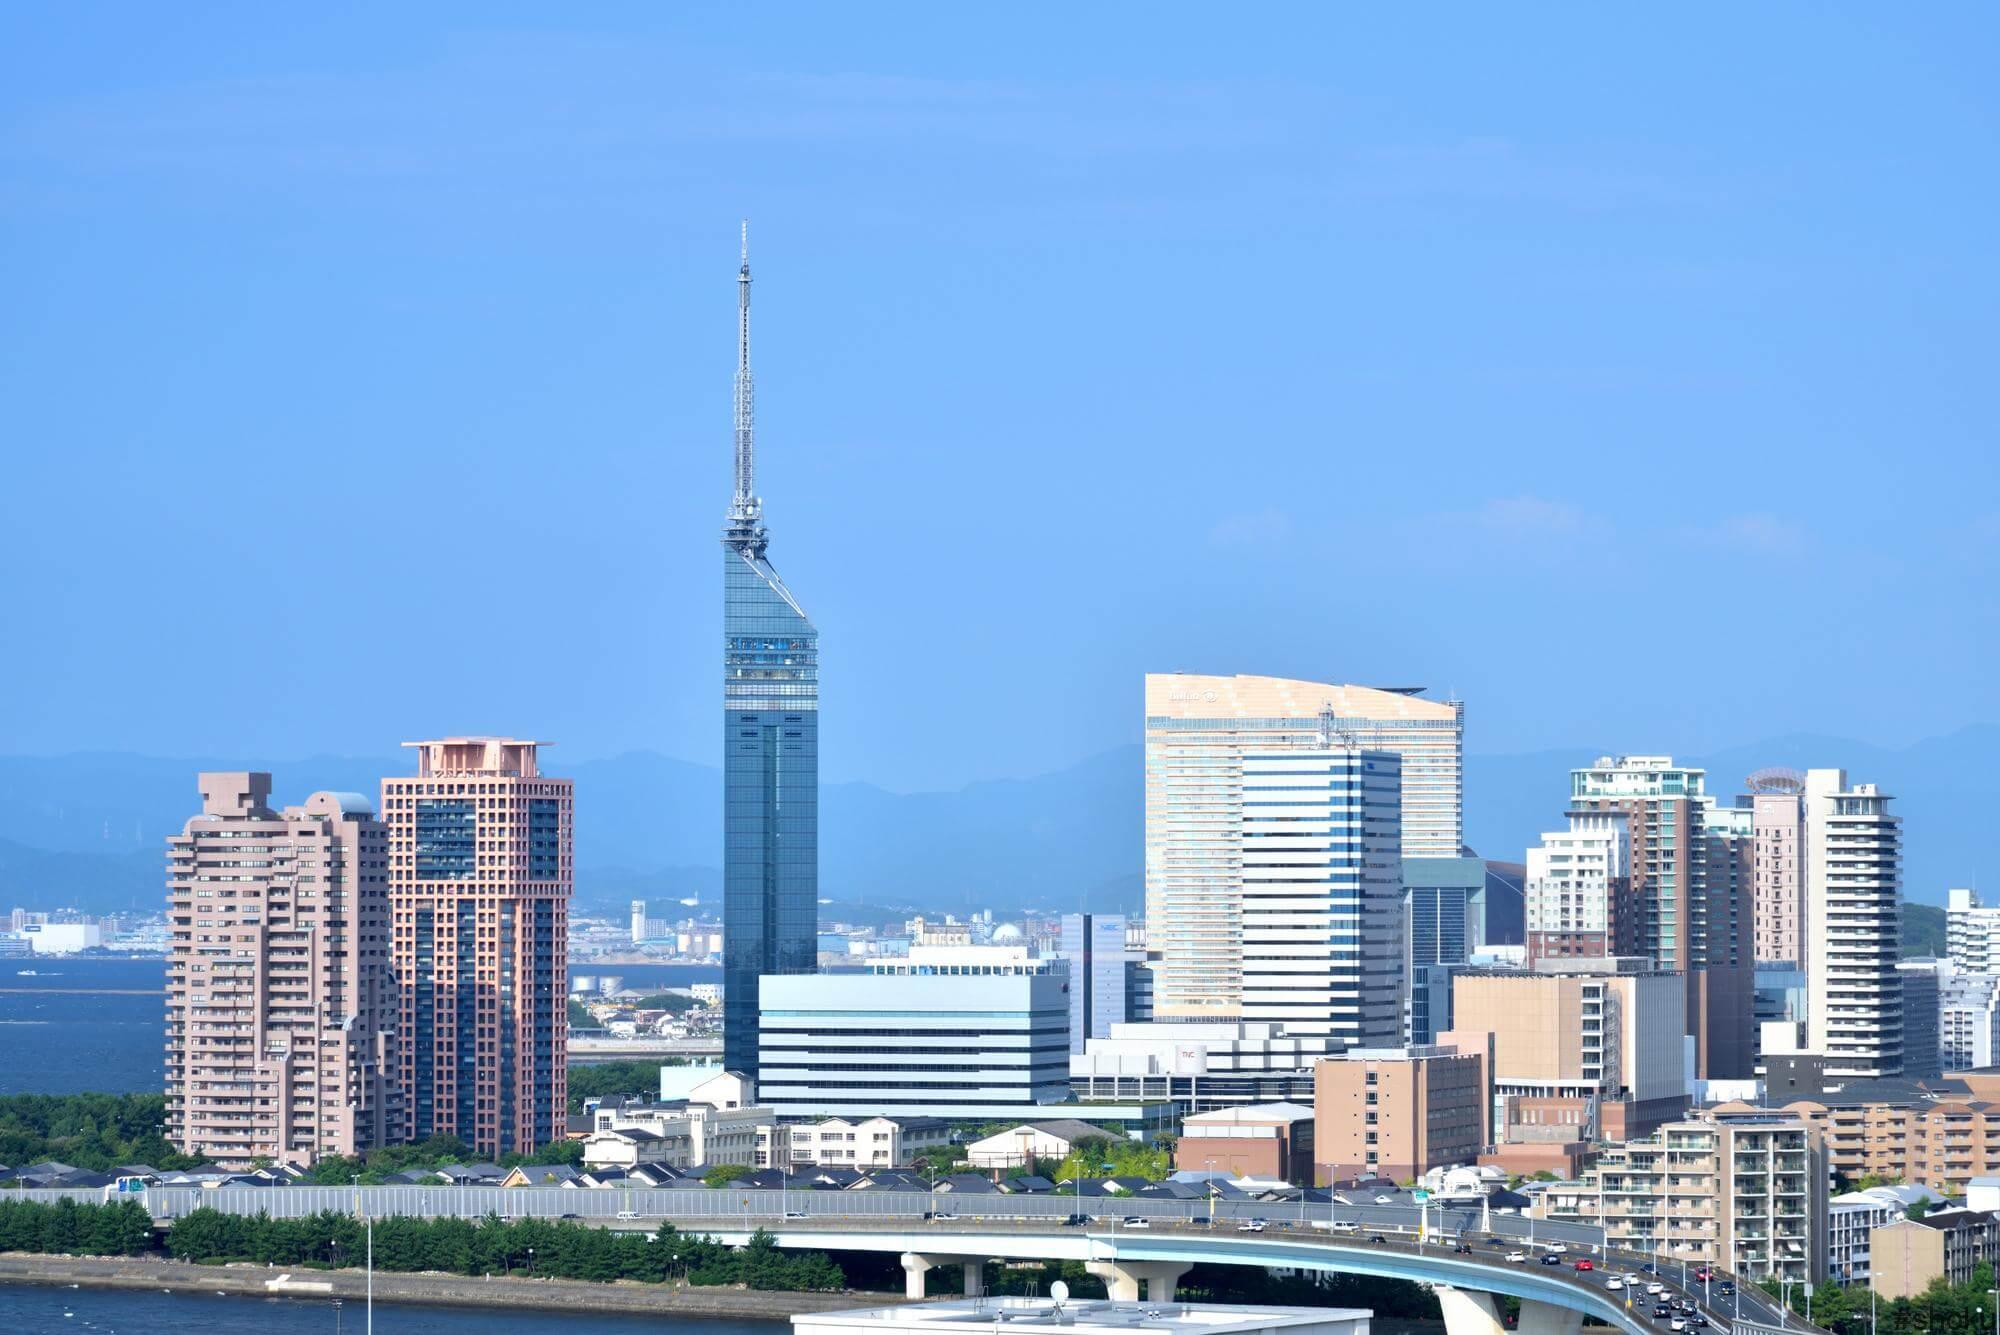 福岡タワーと周辺のビル群